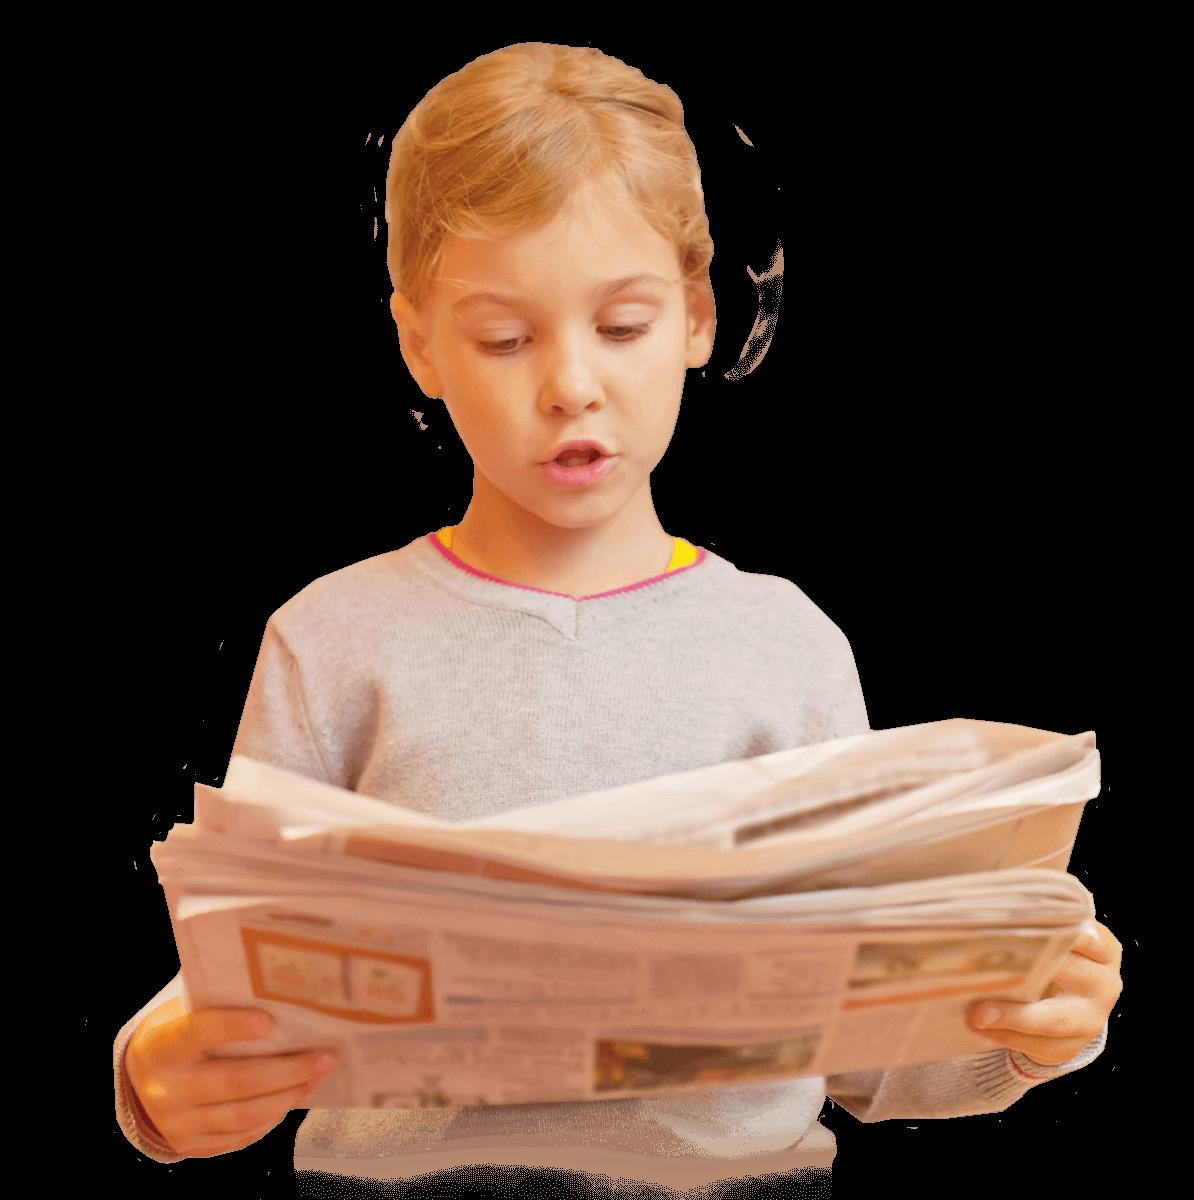 Aktuelles Kind mit Zeitung